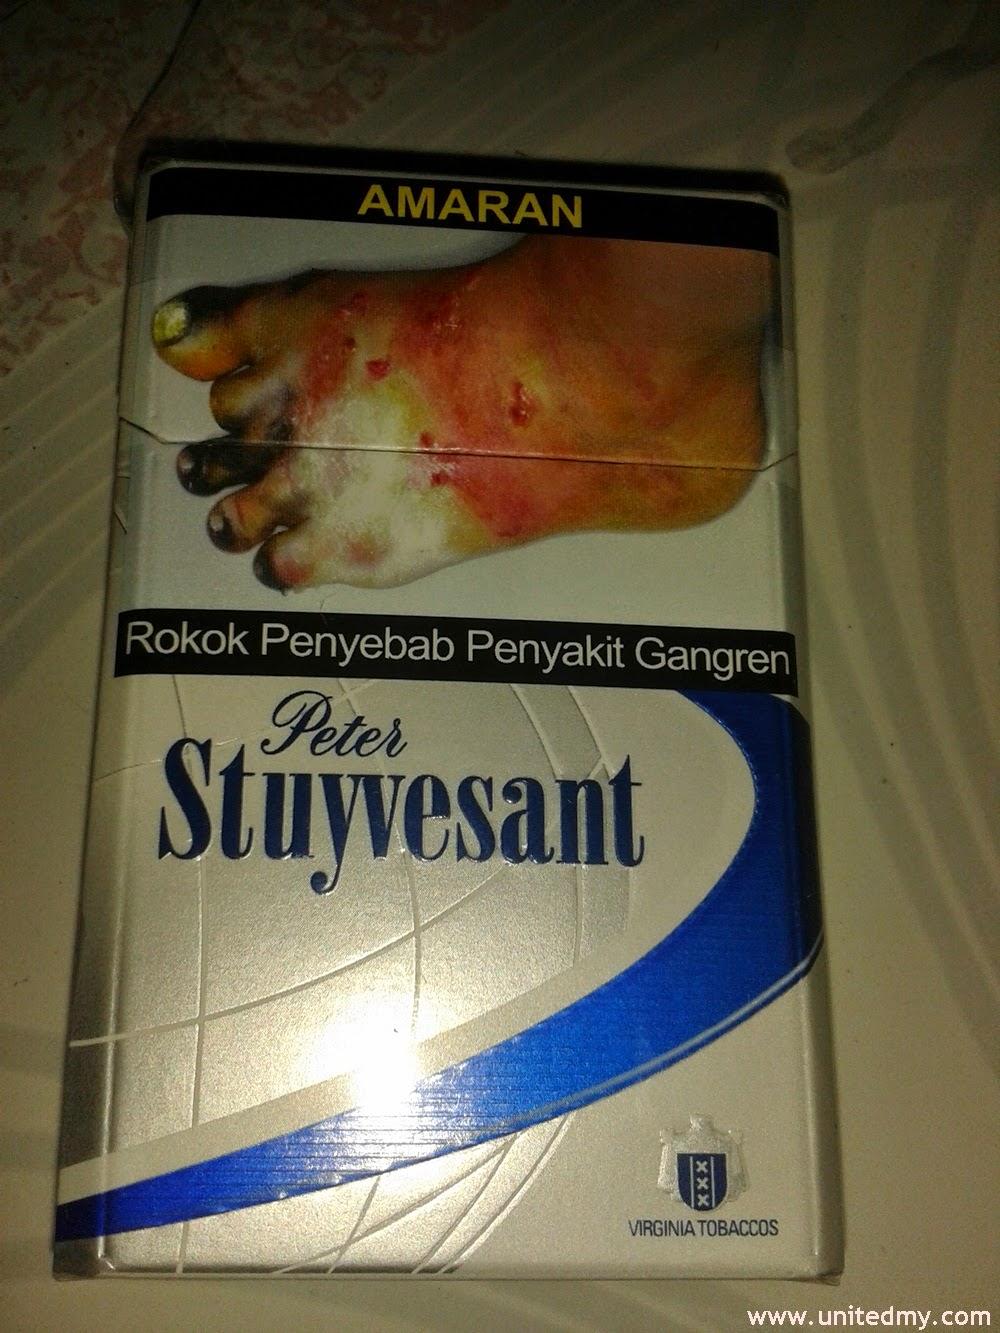 Stuyvesant cigarette